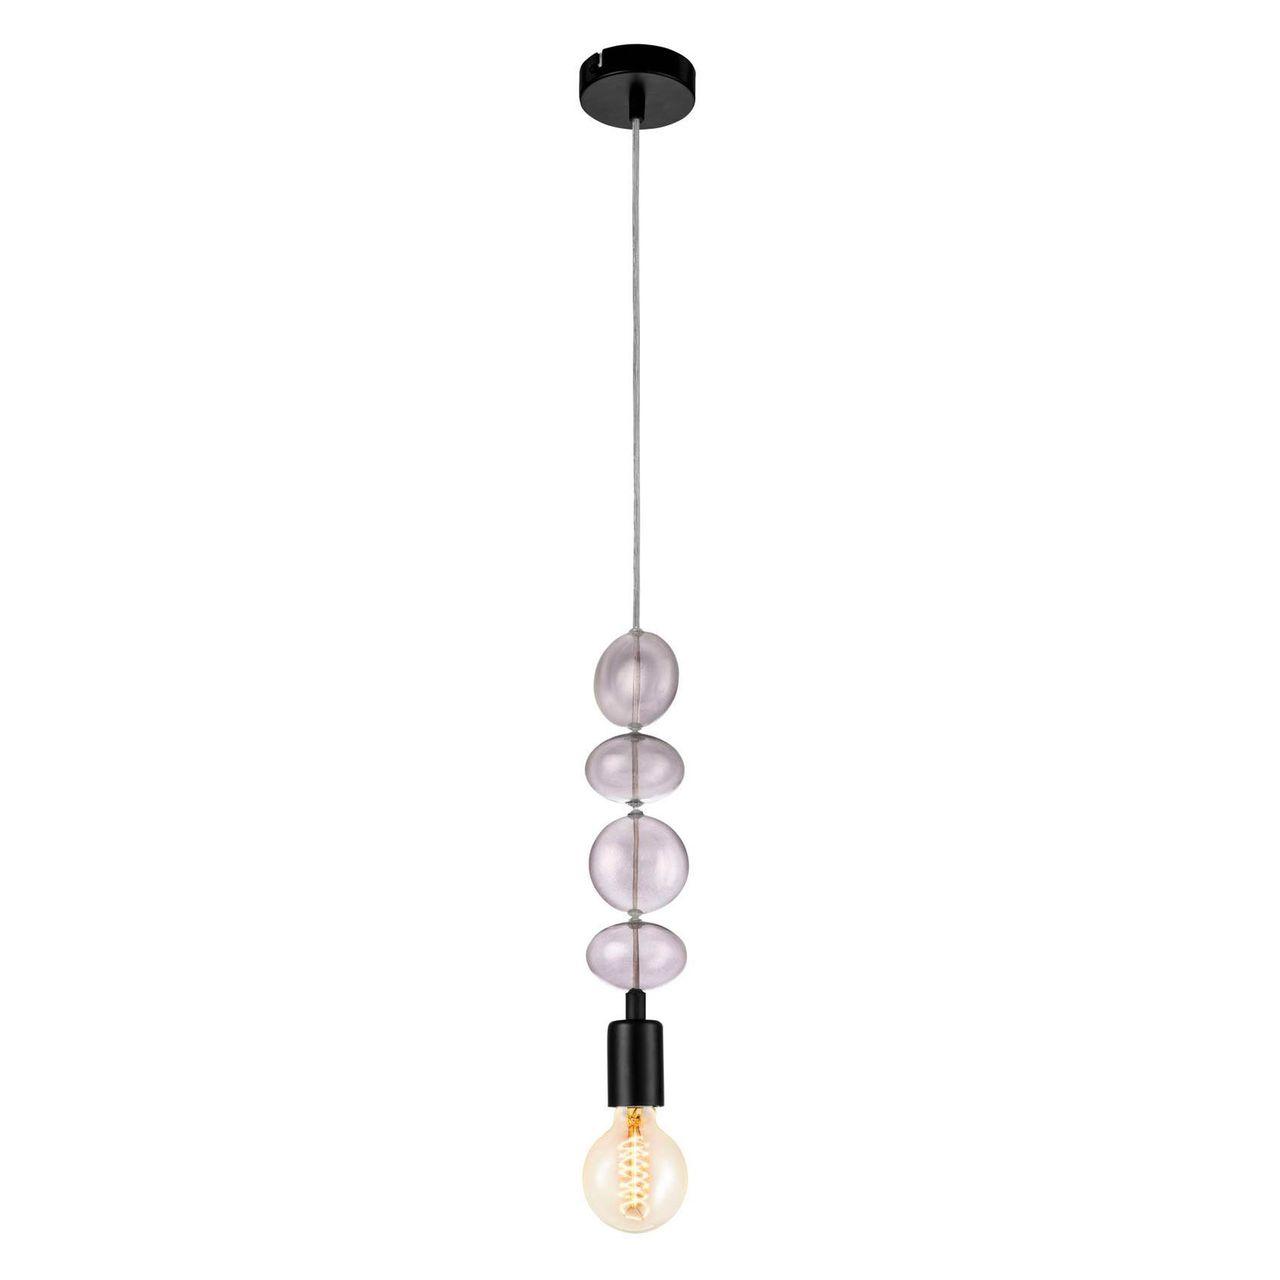 Подвесной светильник Eglo Avoltri 1 49778 подвесной светильник eglo vintage 49214